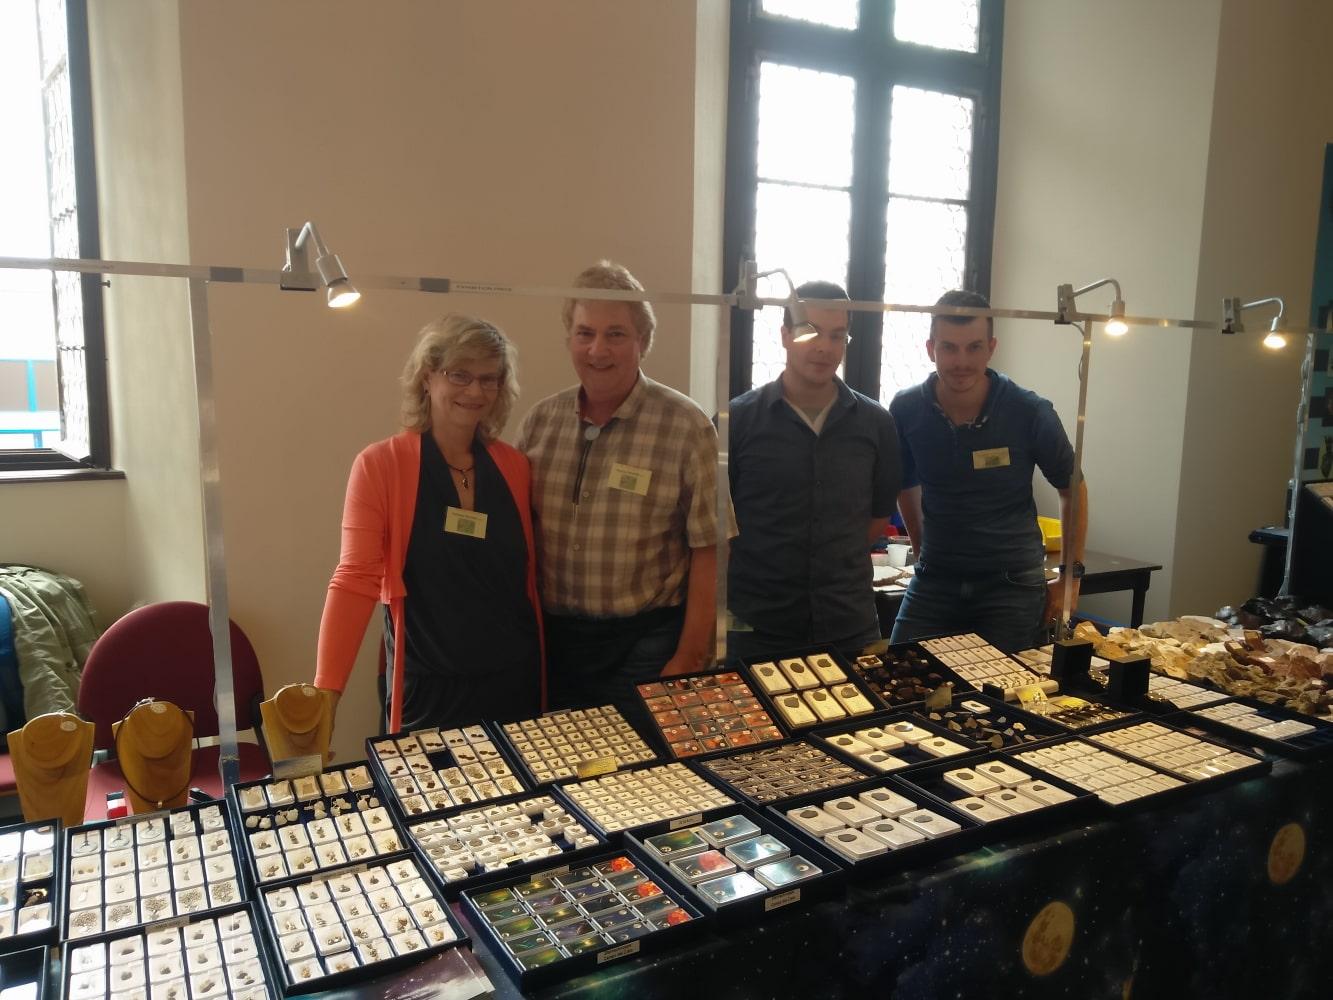 Team des Decker Meteorite-Shop von links nach rechts: Gabriele, Stephan, Benjamin und Christian Decker